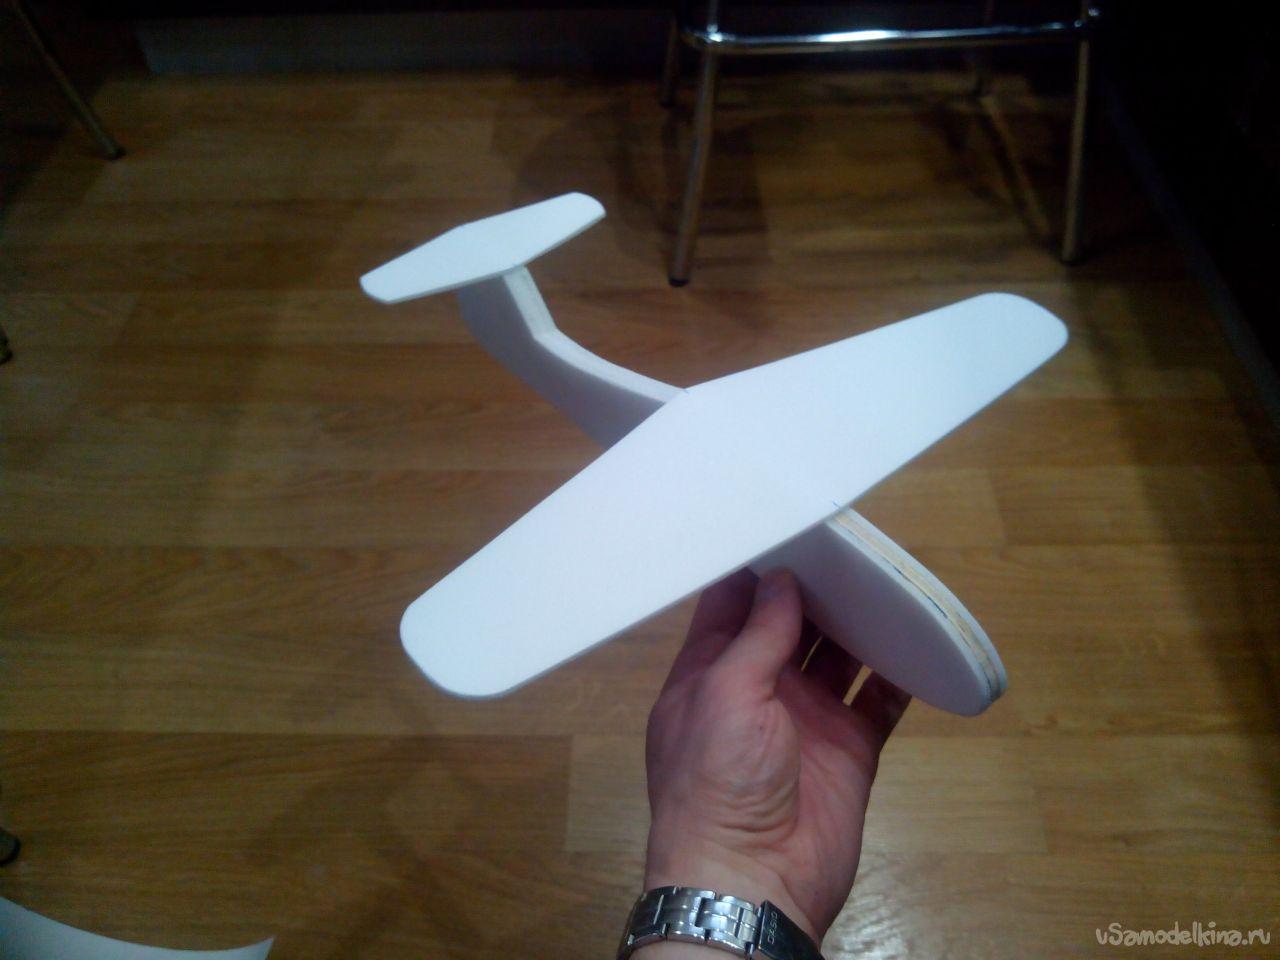 Модели самолётов из потолочной плитки своими руками. авиамодели из потолочной плитки своими руками – видео обзор и пошаговая инструкция. пилотажная модель самолета из потолочной плитки